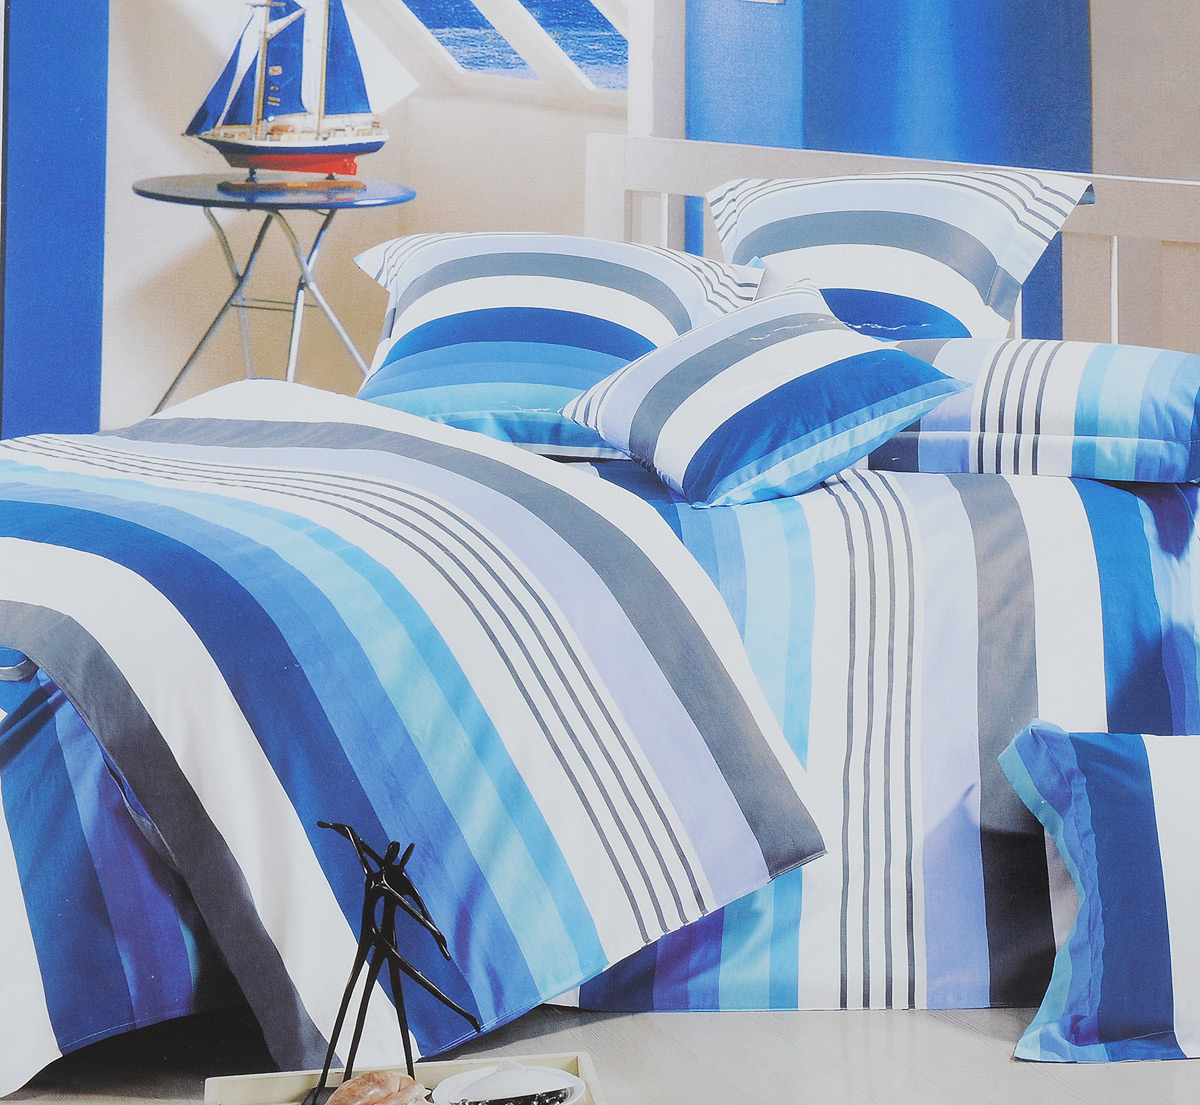 Комплект белья МарТекс Лагуна, 1,5-спальный, наволочки 70х70, цвет: белый, голубой, синий01-0510-1Комплект постельного белья МарТекс Лагуна состоит из пододеяльника на молнии, простыни и двух наволочек. Постельное белье оформлено оригинальным ярким рисунком и имеет изысканный внешний вид. Сатин - производится из высших сортов хлопка, а своим блеском, легкостью и на ощупь напоминает шелк. Такая ткань рассчитана на 200 стирок и более. Постельное белье из сатина превращает жаркие летние ночи в прохладные и освежающие, а холодные зимние - в теплые и согревающие. Благодаря натуральному хлопку, комплект постельного белья из сатина приобретает способность пропускать воздух, давая возможность телу дышать. Одно из преимуществ материала в том, что он практически не мнется и ваша спальня всегда будет аккуратной и нарядной. Приобретая комплект постельного белья МарТекс Лагуна, вы можете быть уверенны в том, что покупка доставит вам и вашим близким удовольствие и подарит максимальный комфорт.